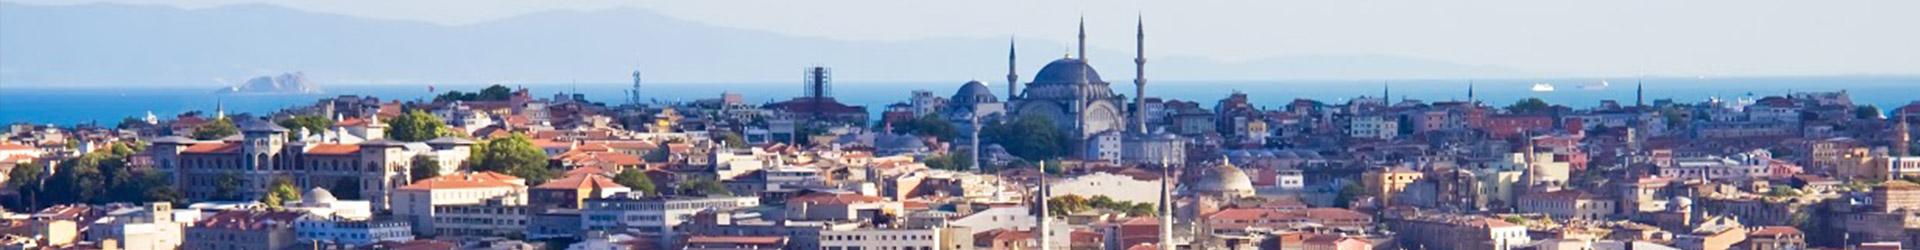 המסגד הכחול בטורקיה